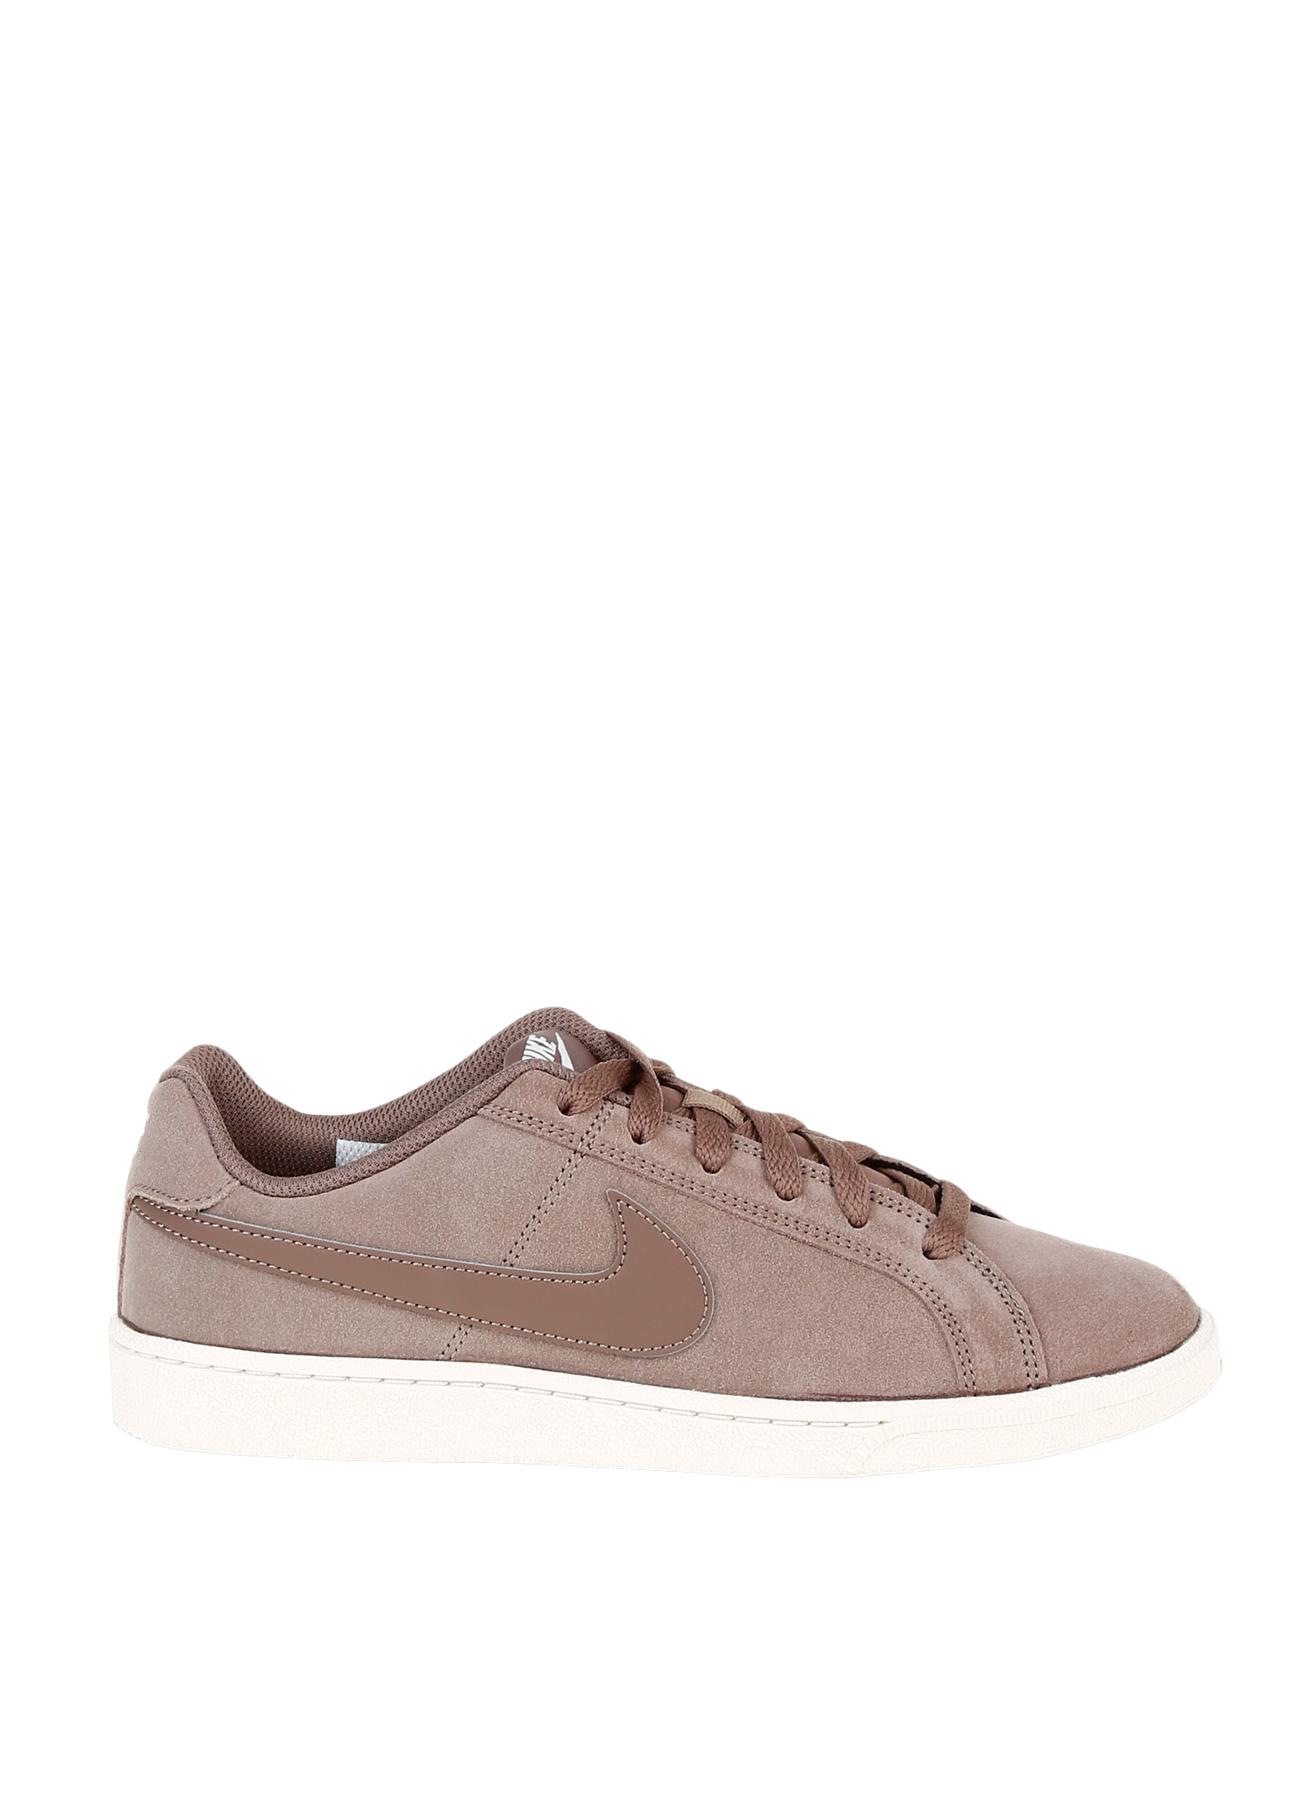 Nike Court Royale Suede Lıfestyle Ayakkabı 37.5 5001635004002 Ürün Resmi